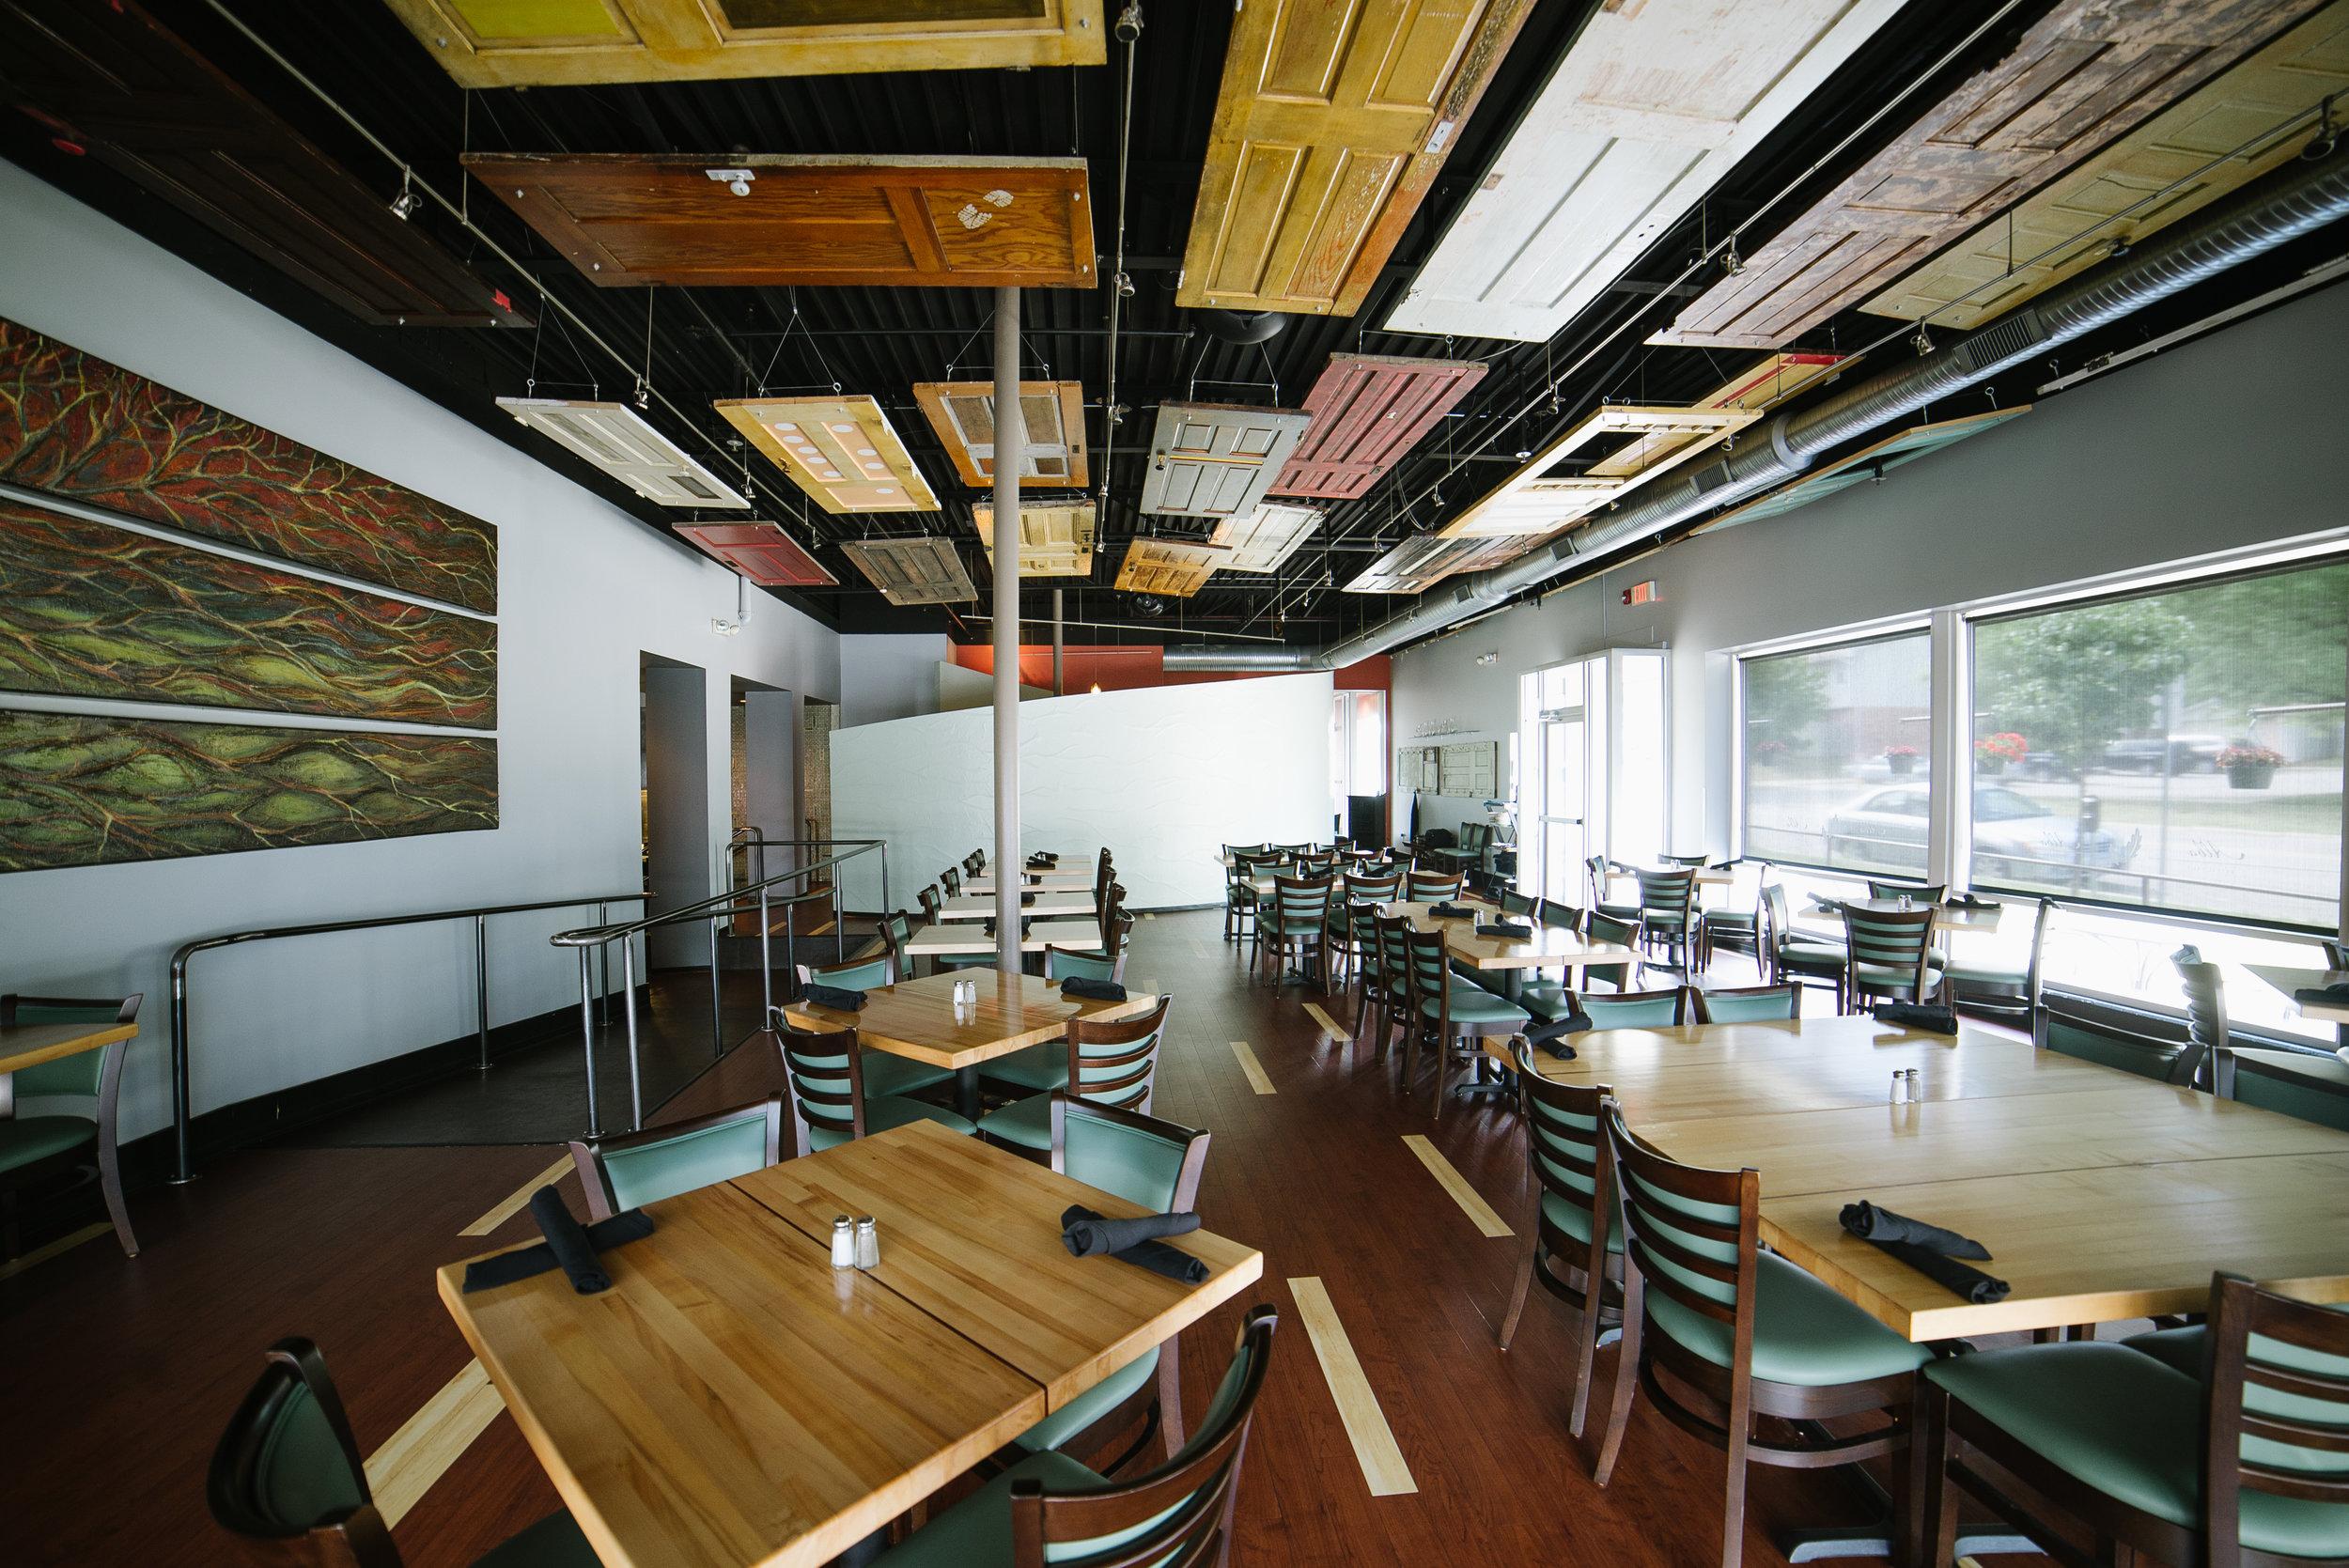 Alba Des Moines, Iowa Restaurant Space 2